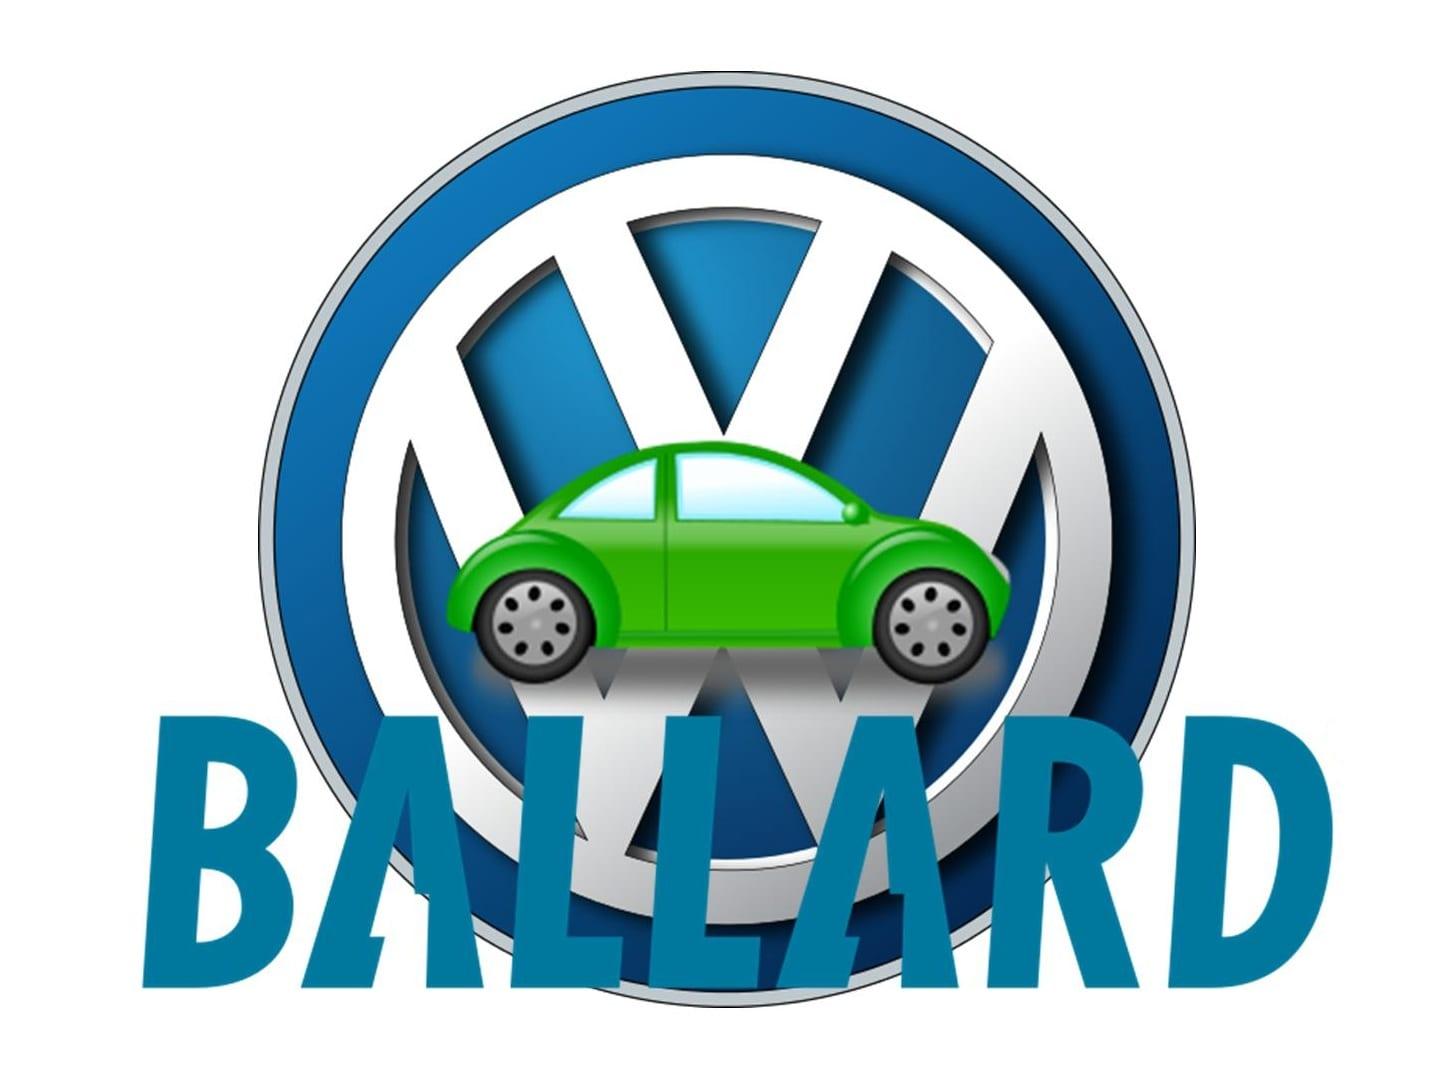 Volkswagen & Ballard - Hydrogen Fuel